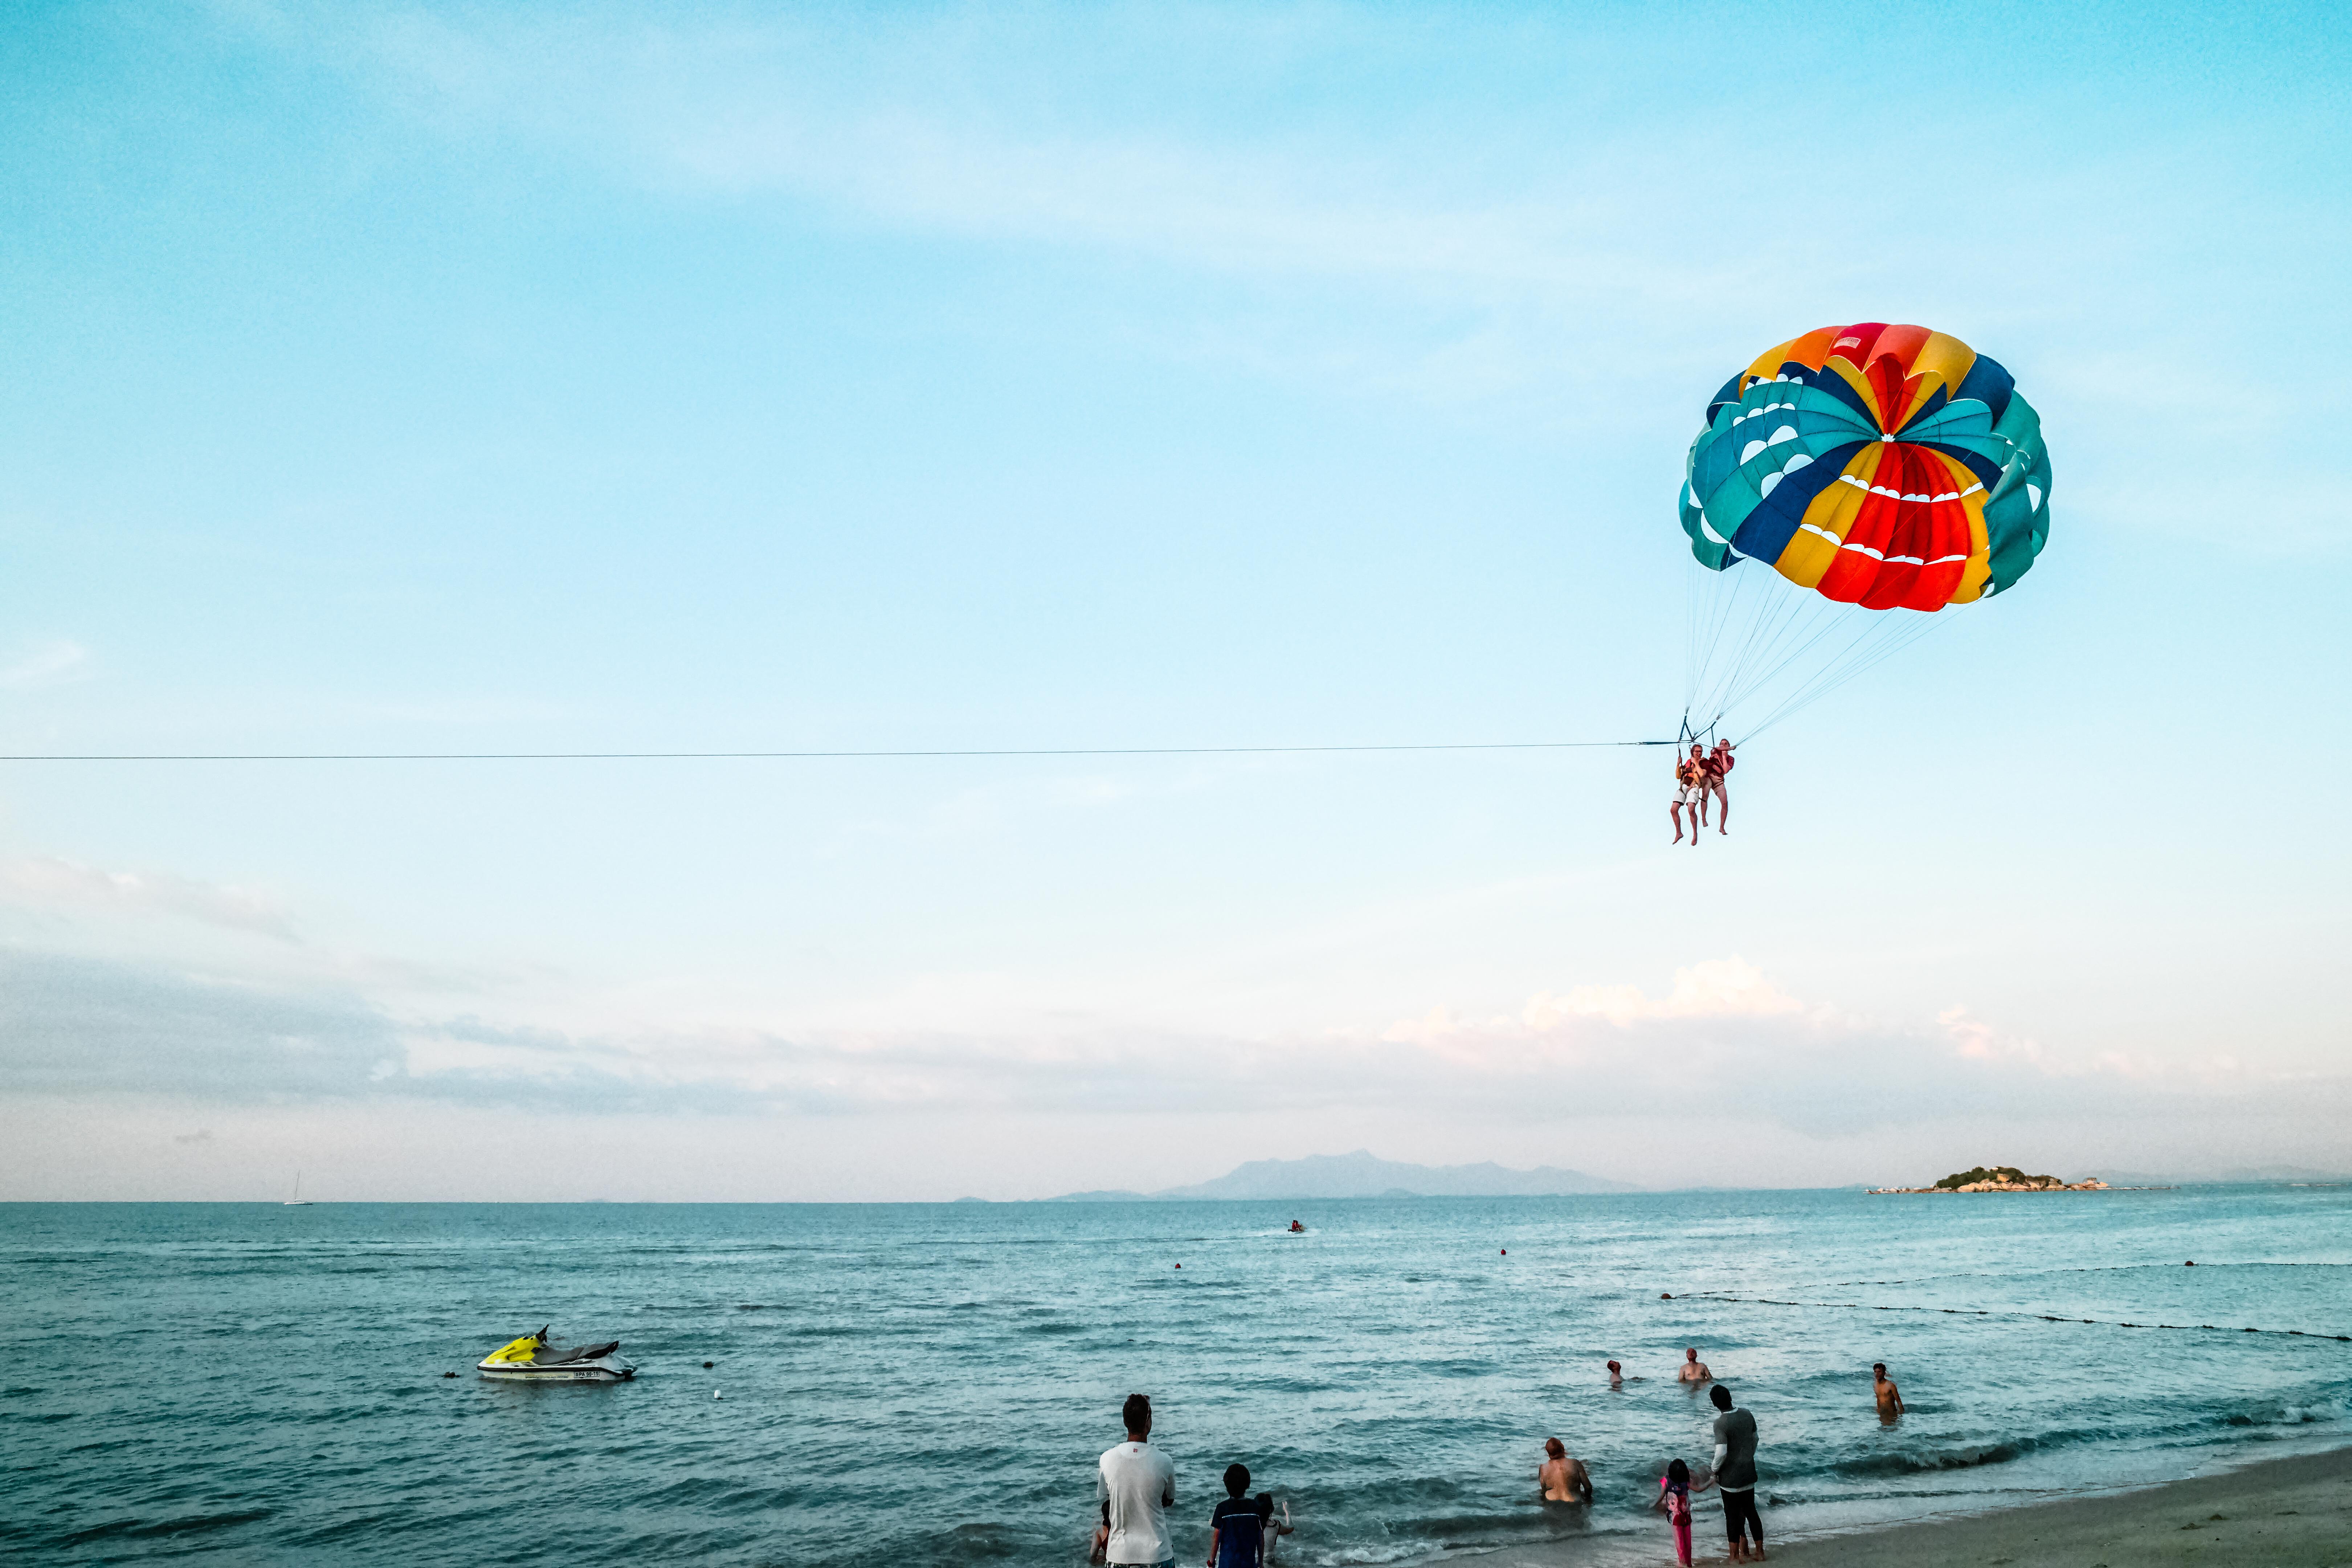 Immagini Belle Spiaggia Persone Avventura Estate Vacanza